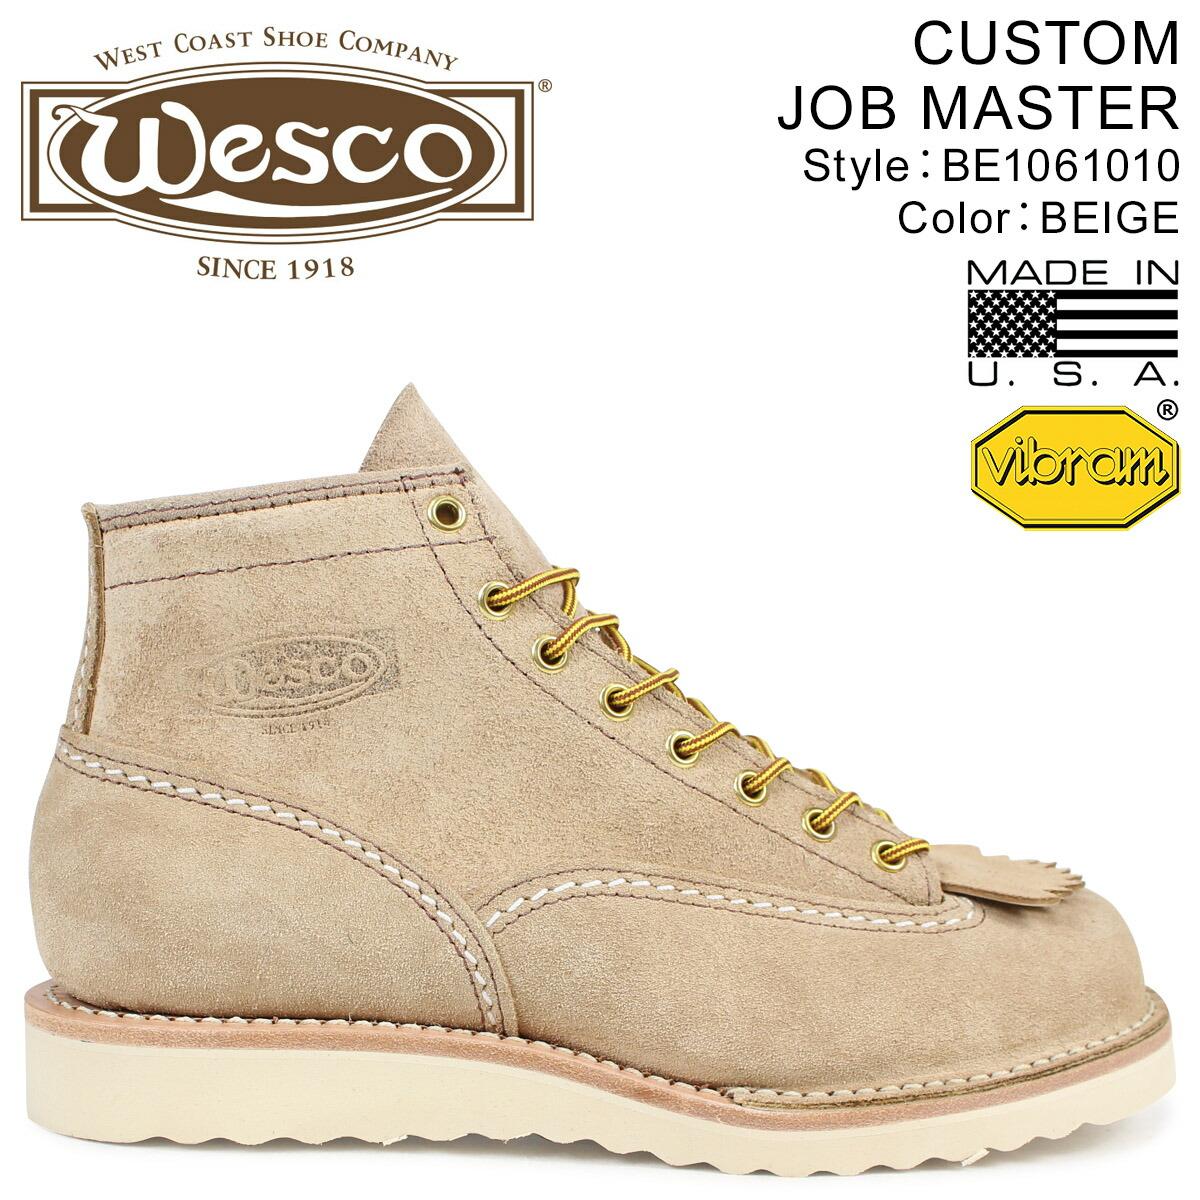 ウエスコ ジョブマスター WESCO ブーツ 6インチ カスタム 6INCH CUSTOM JOB MASTER 2Eワイズ スエード メンズ ベージュ BE1061010 ウェスコ [2/1 新入荷]